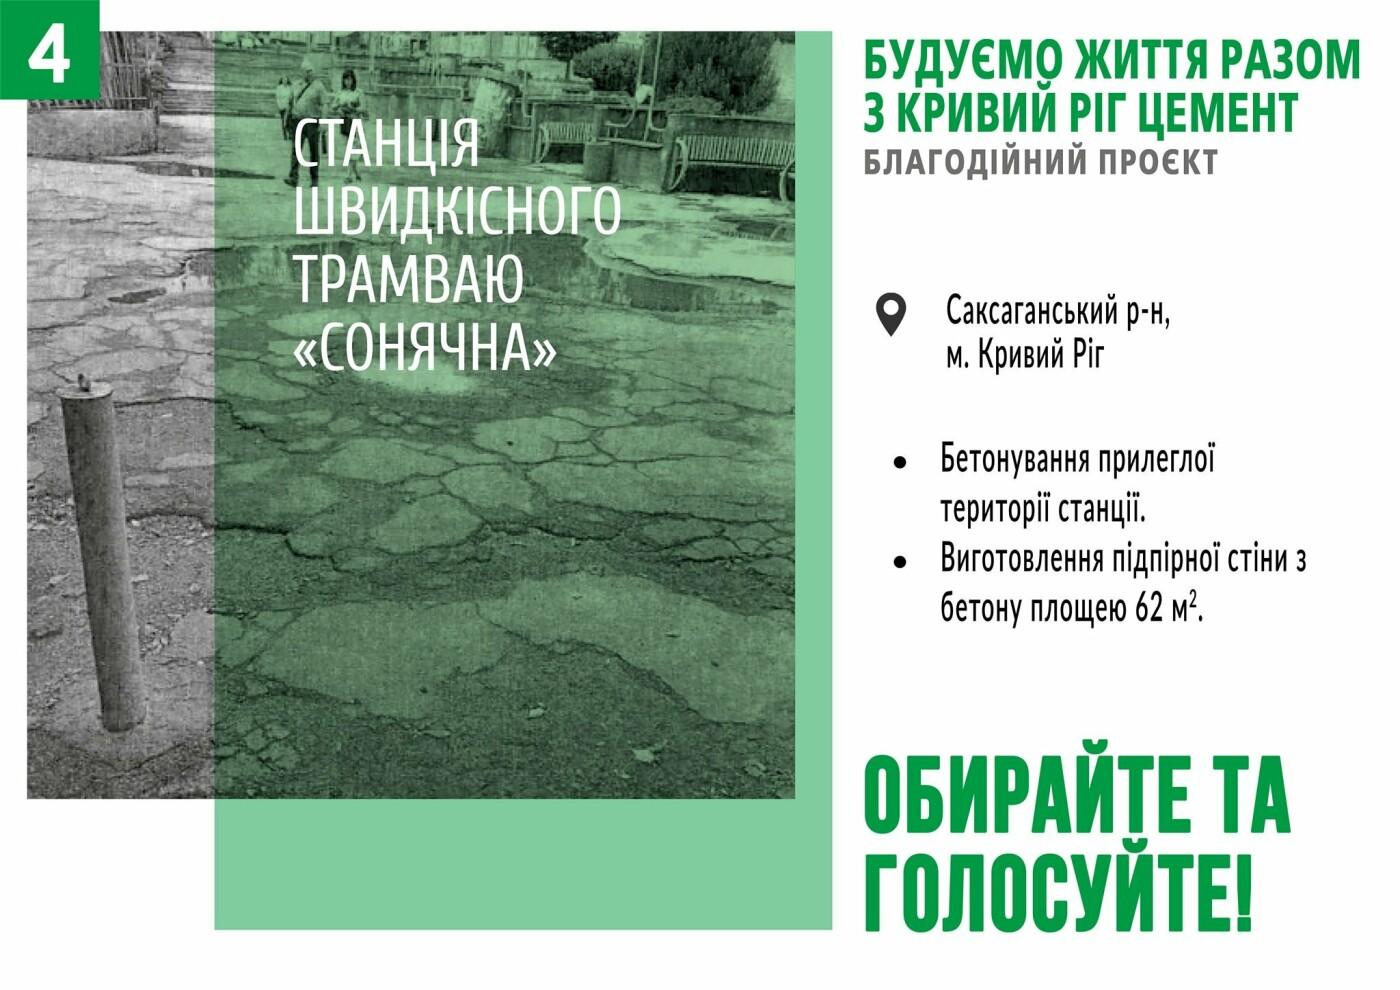 Начато голосование за объекты в рамках благотворительного проекта от компании «Кривой Рог Цемент», фото-4